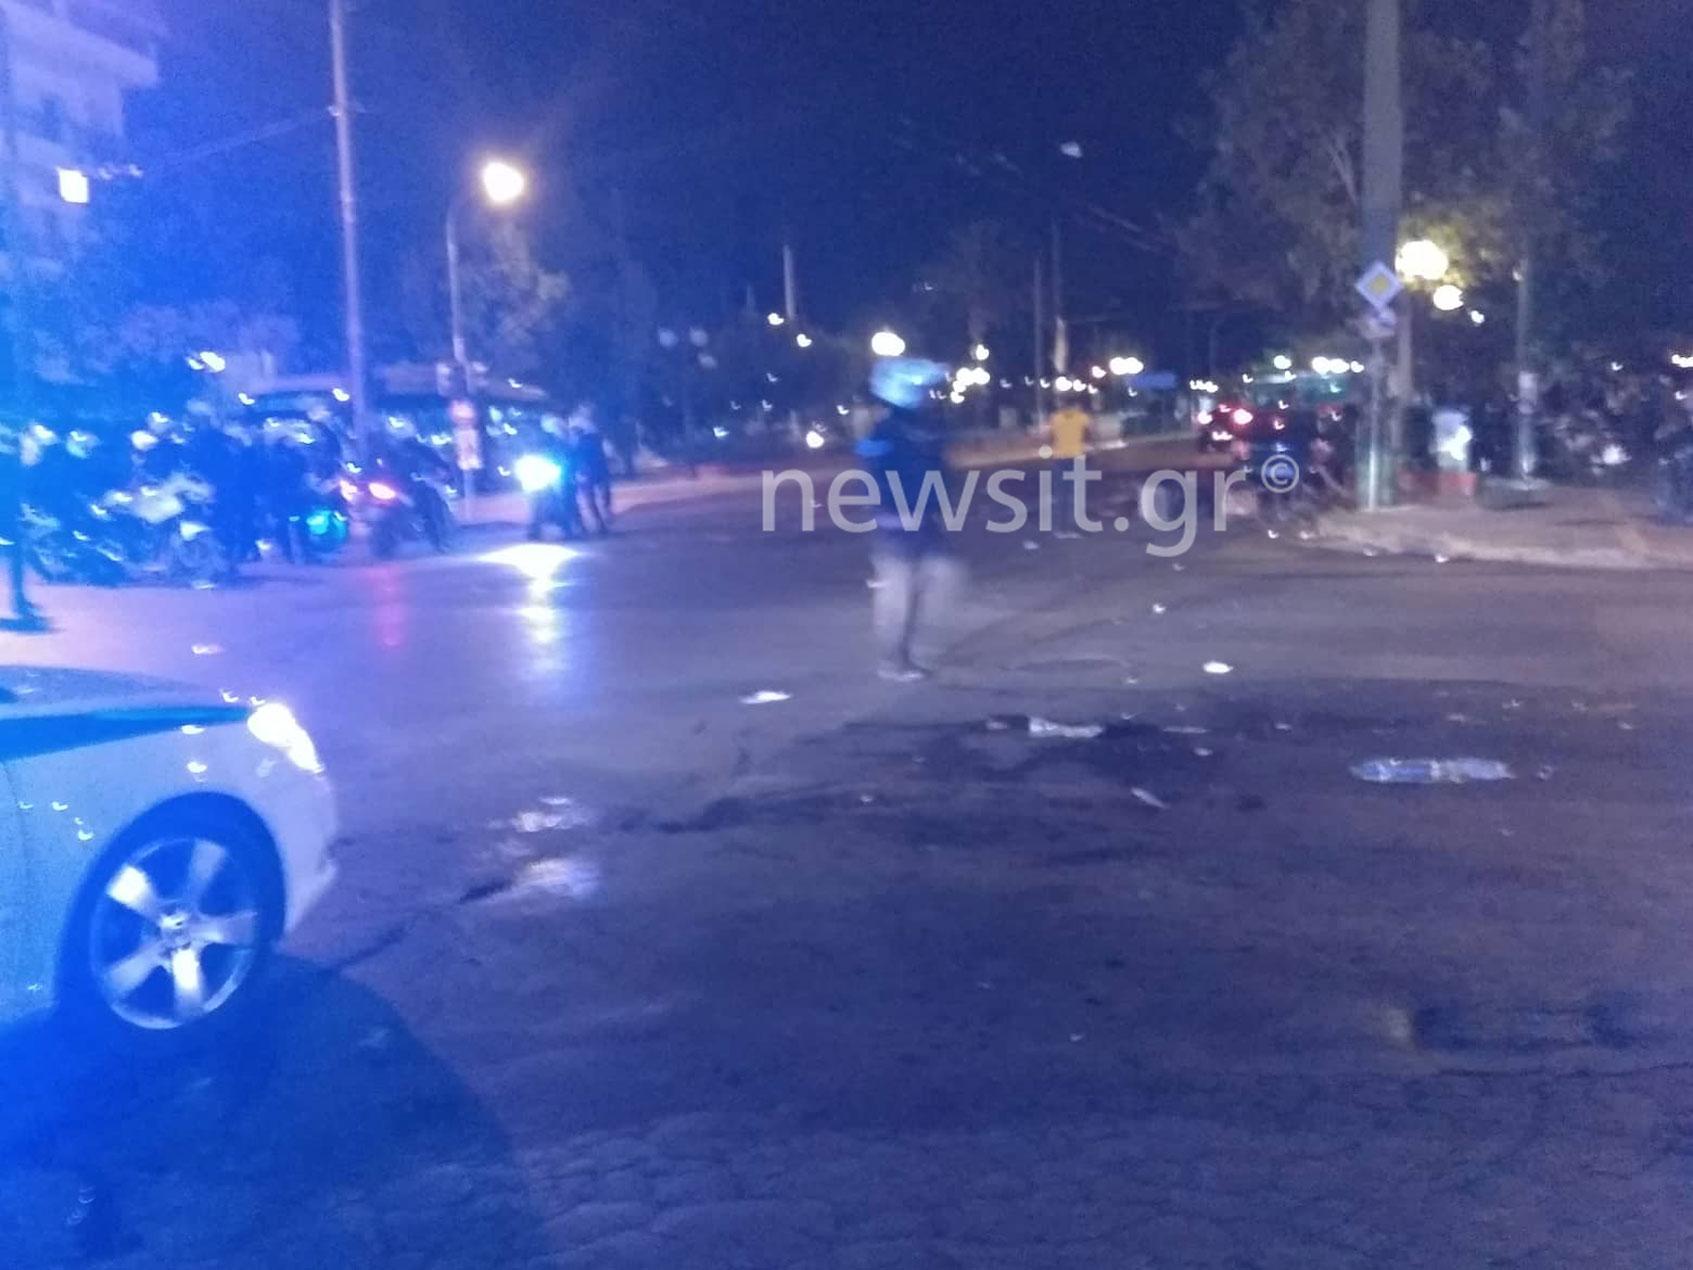 Έξι αστυνομικοί τραυματίες σε δυο επιθέσεις στη Νέα Φιλαδέλφεια